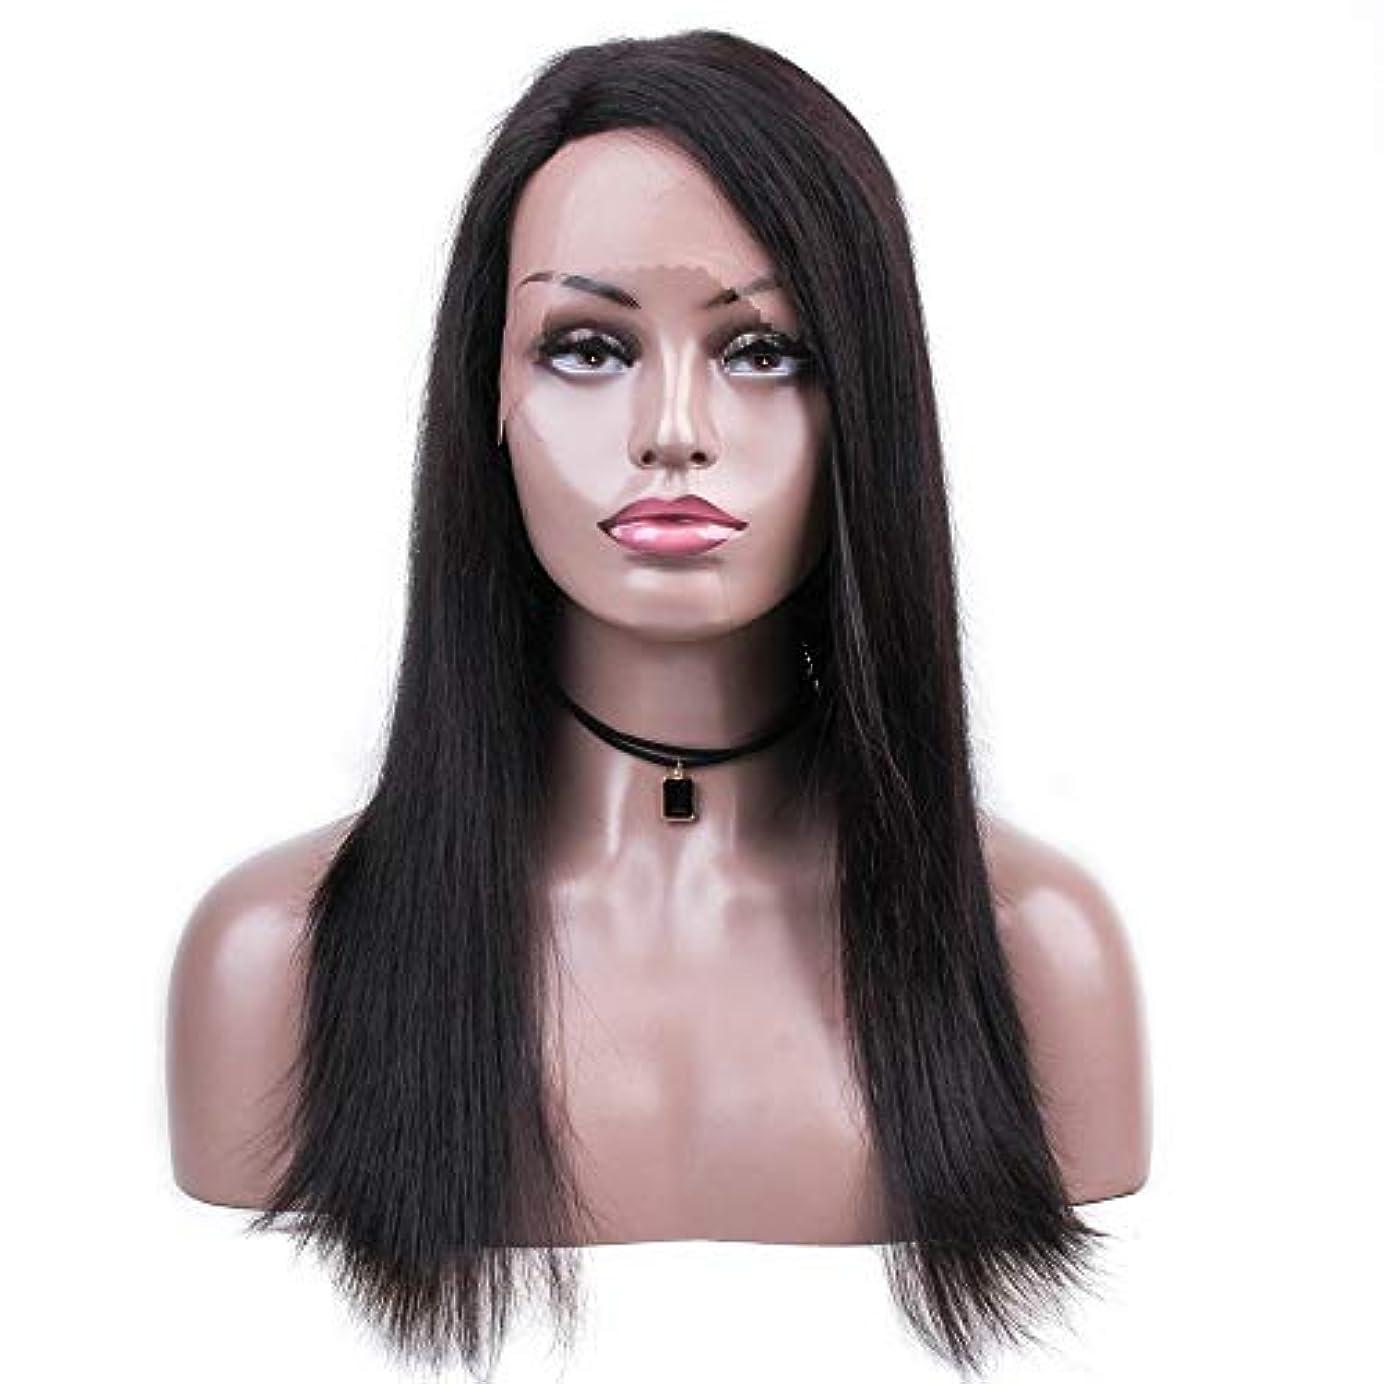 乱れ備品逆さまにWASAIO 女性の絹のようなストレートヘアの無料別れの自然な色18インチブラジルの人間の毛髪のかつら (色 : 黒)